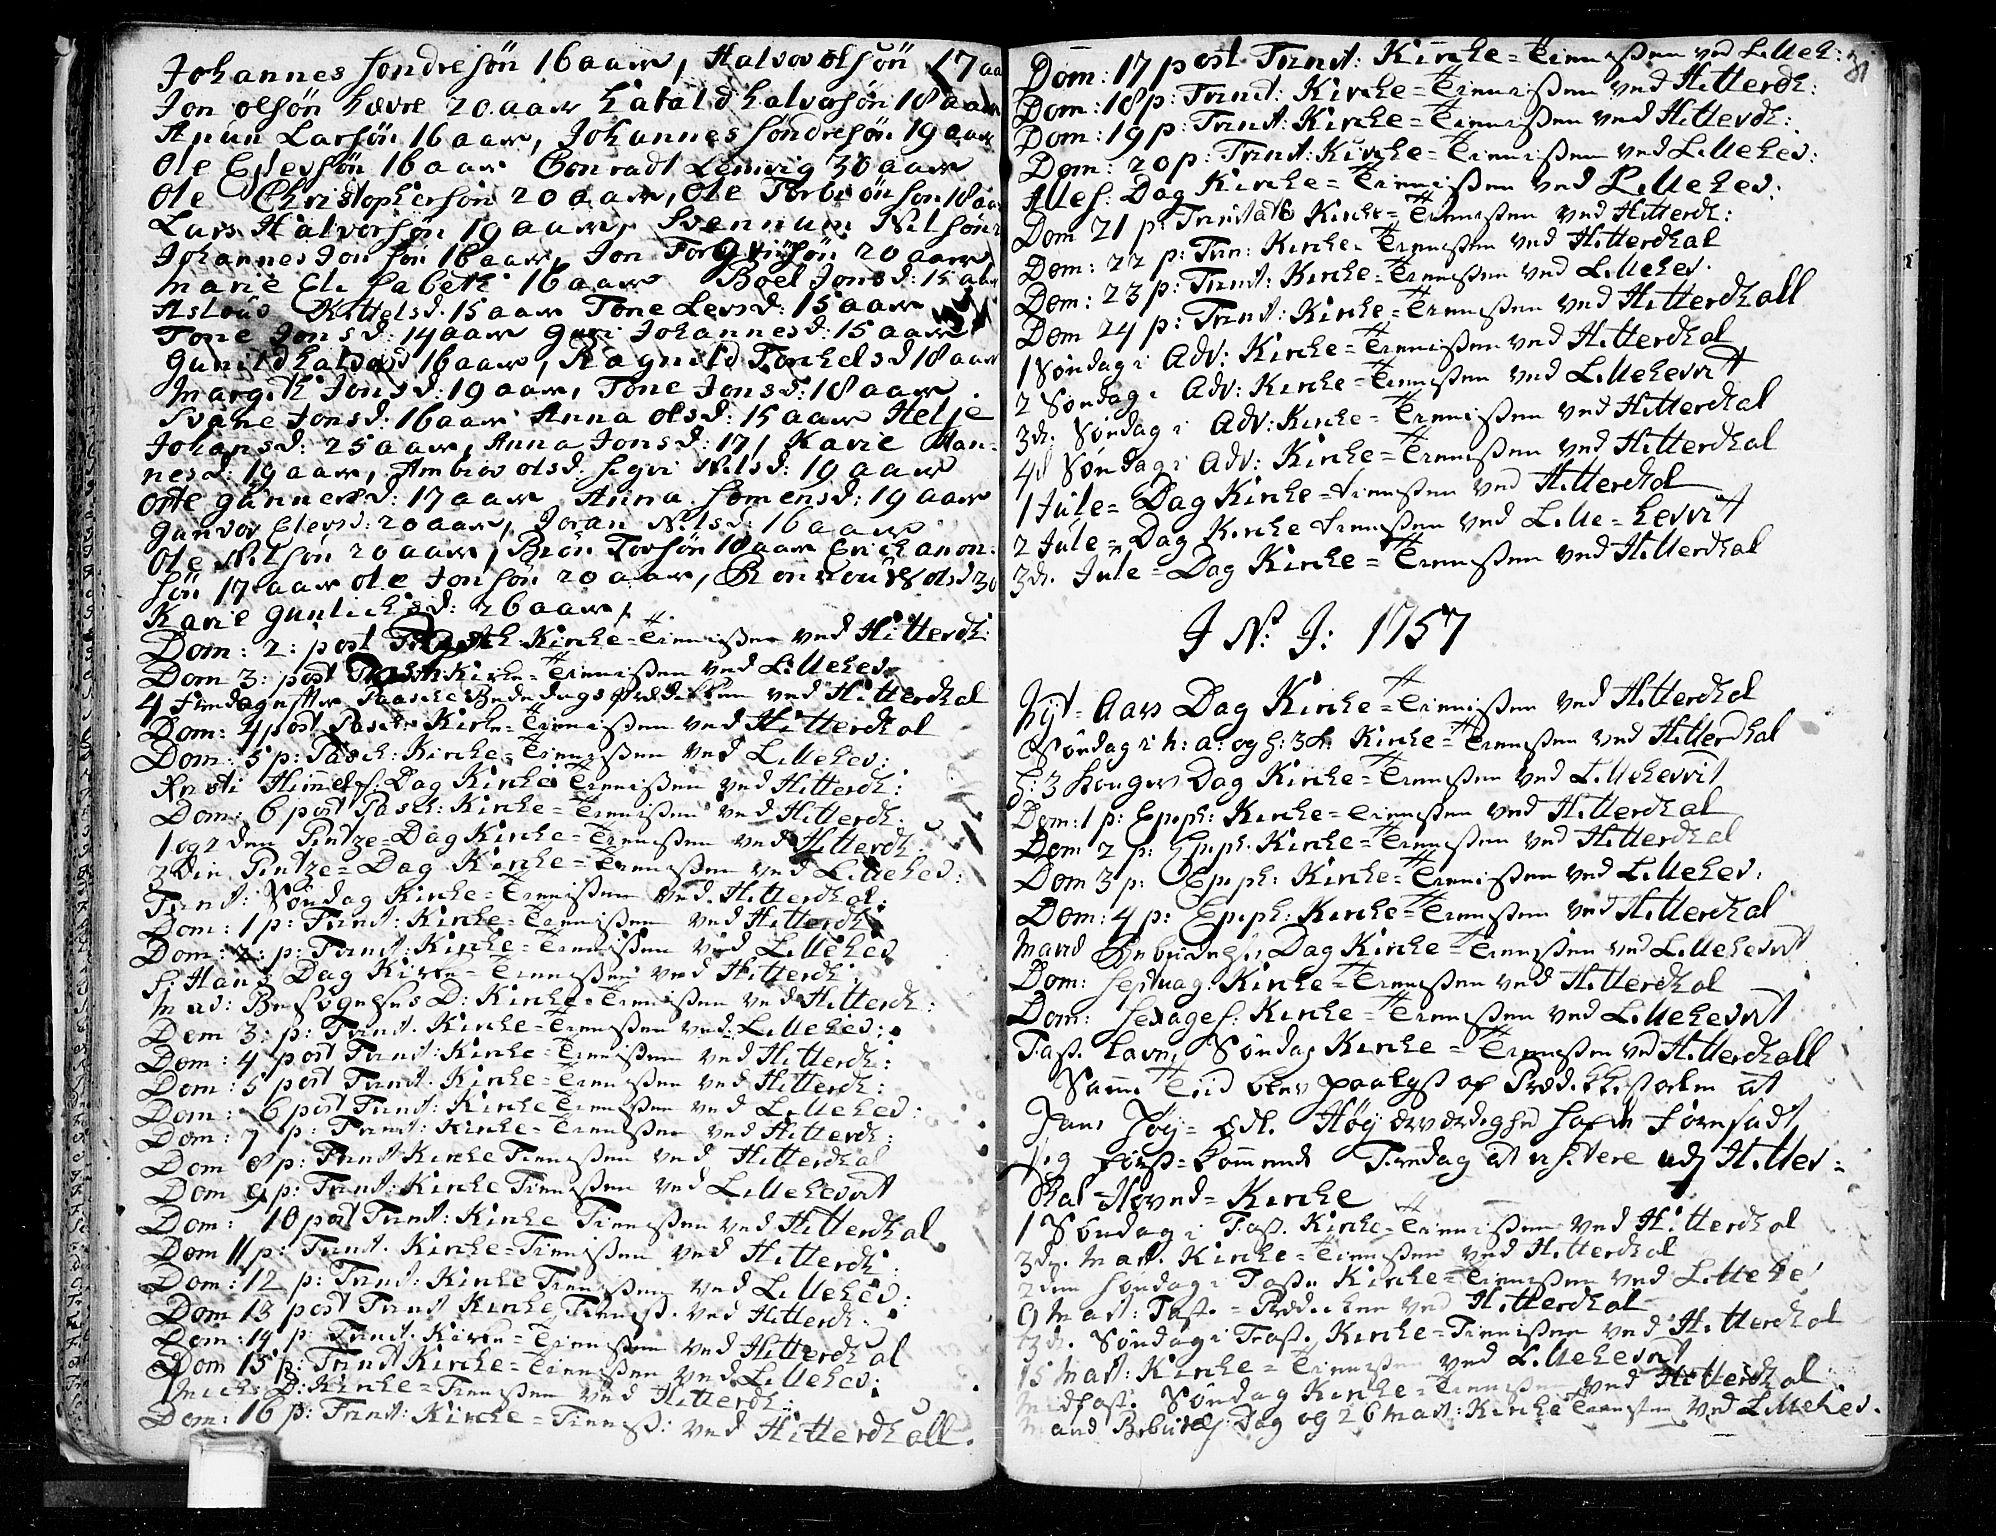 SAKO, Heddal kirkebøker, F/Fa/L0003: Ministerialbok nr. I 3, 1723-1783, s. 31